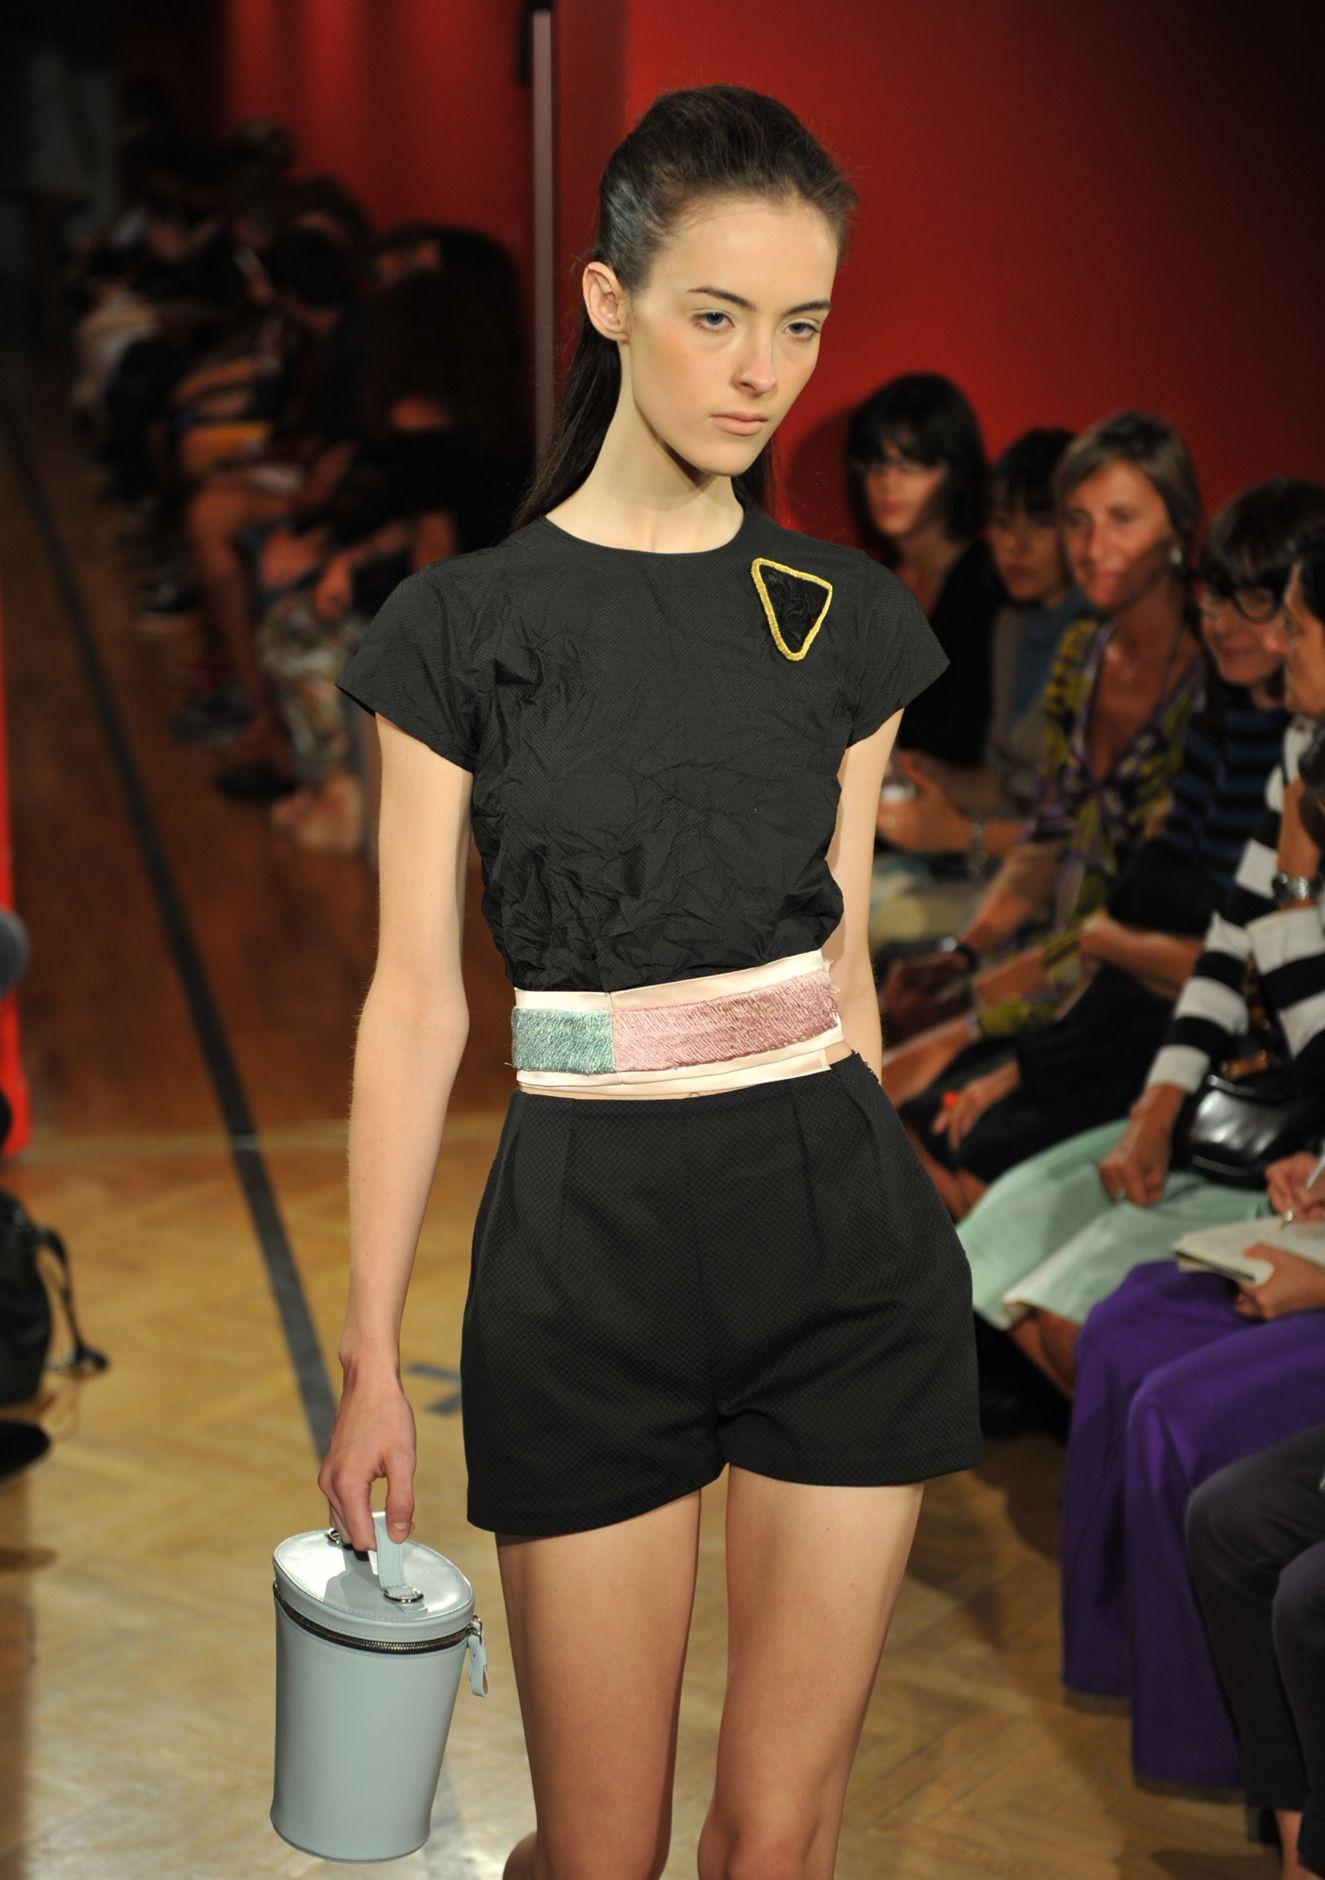 Spring 2013 Fashion Show Andrea Incontri